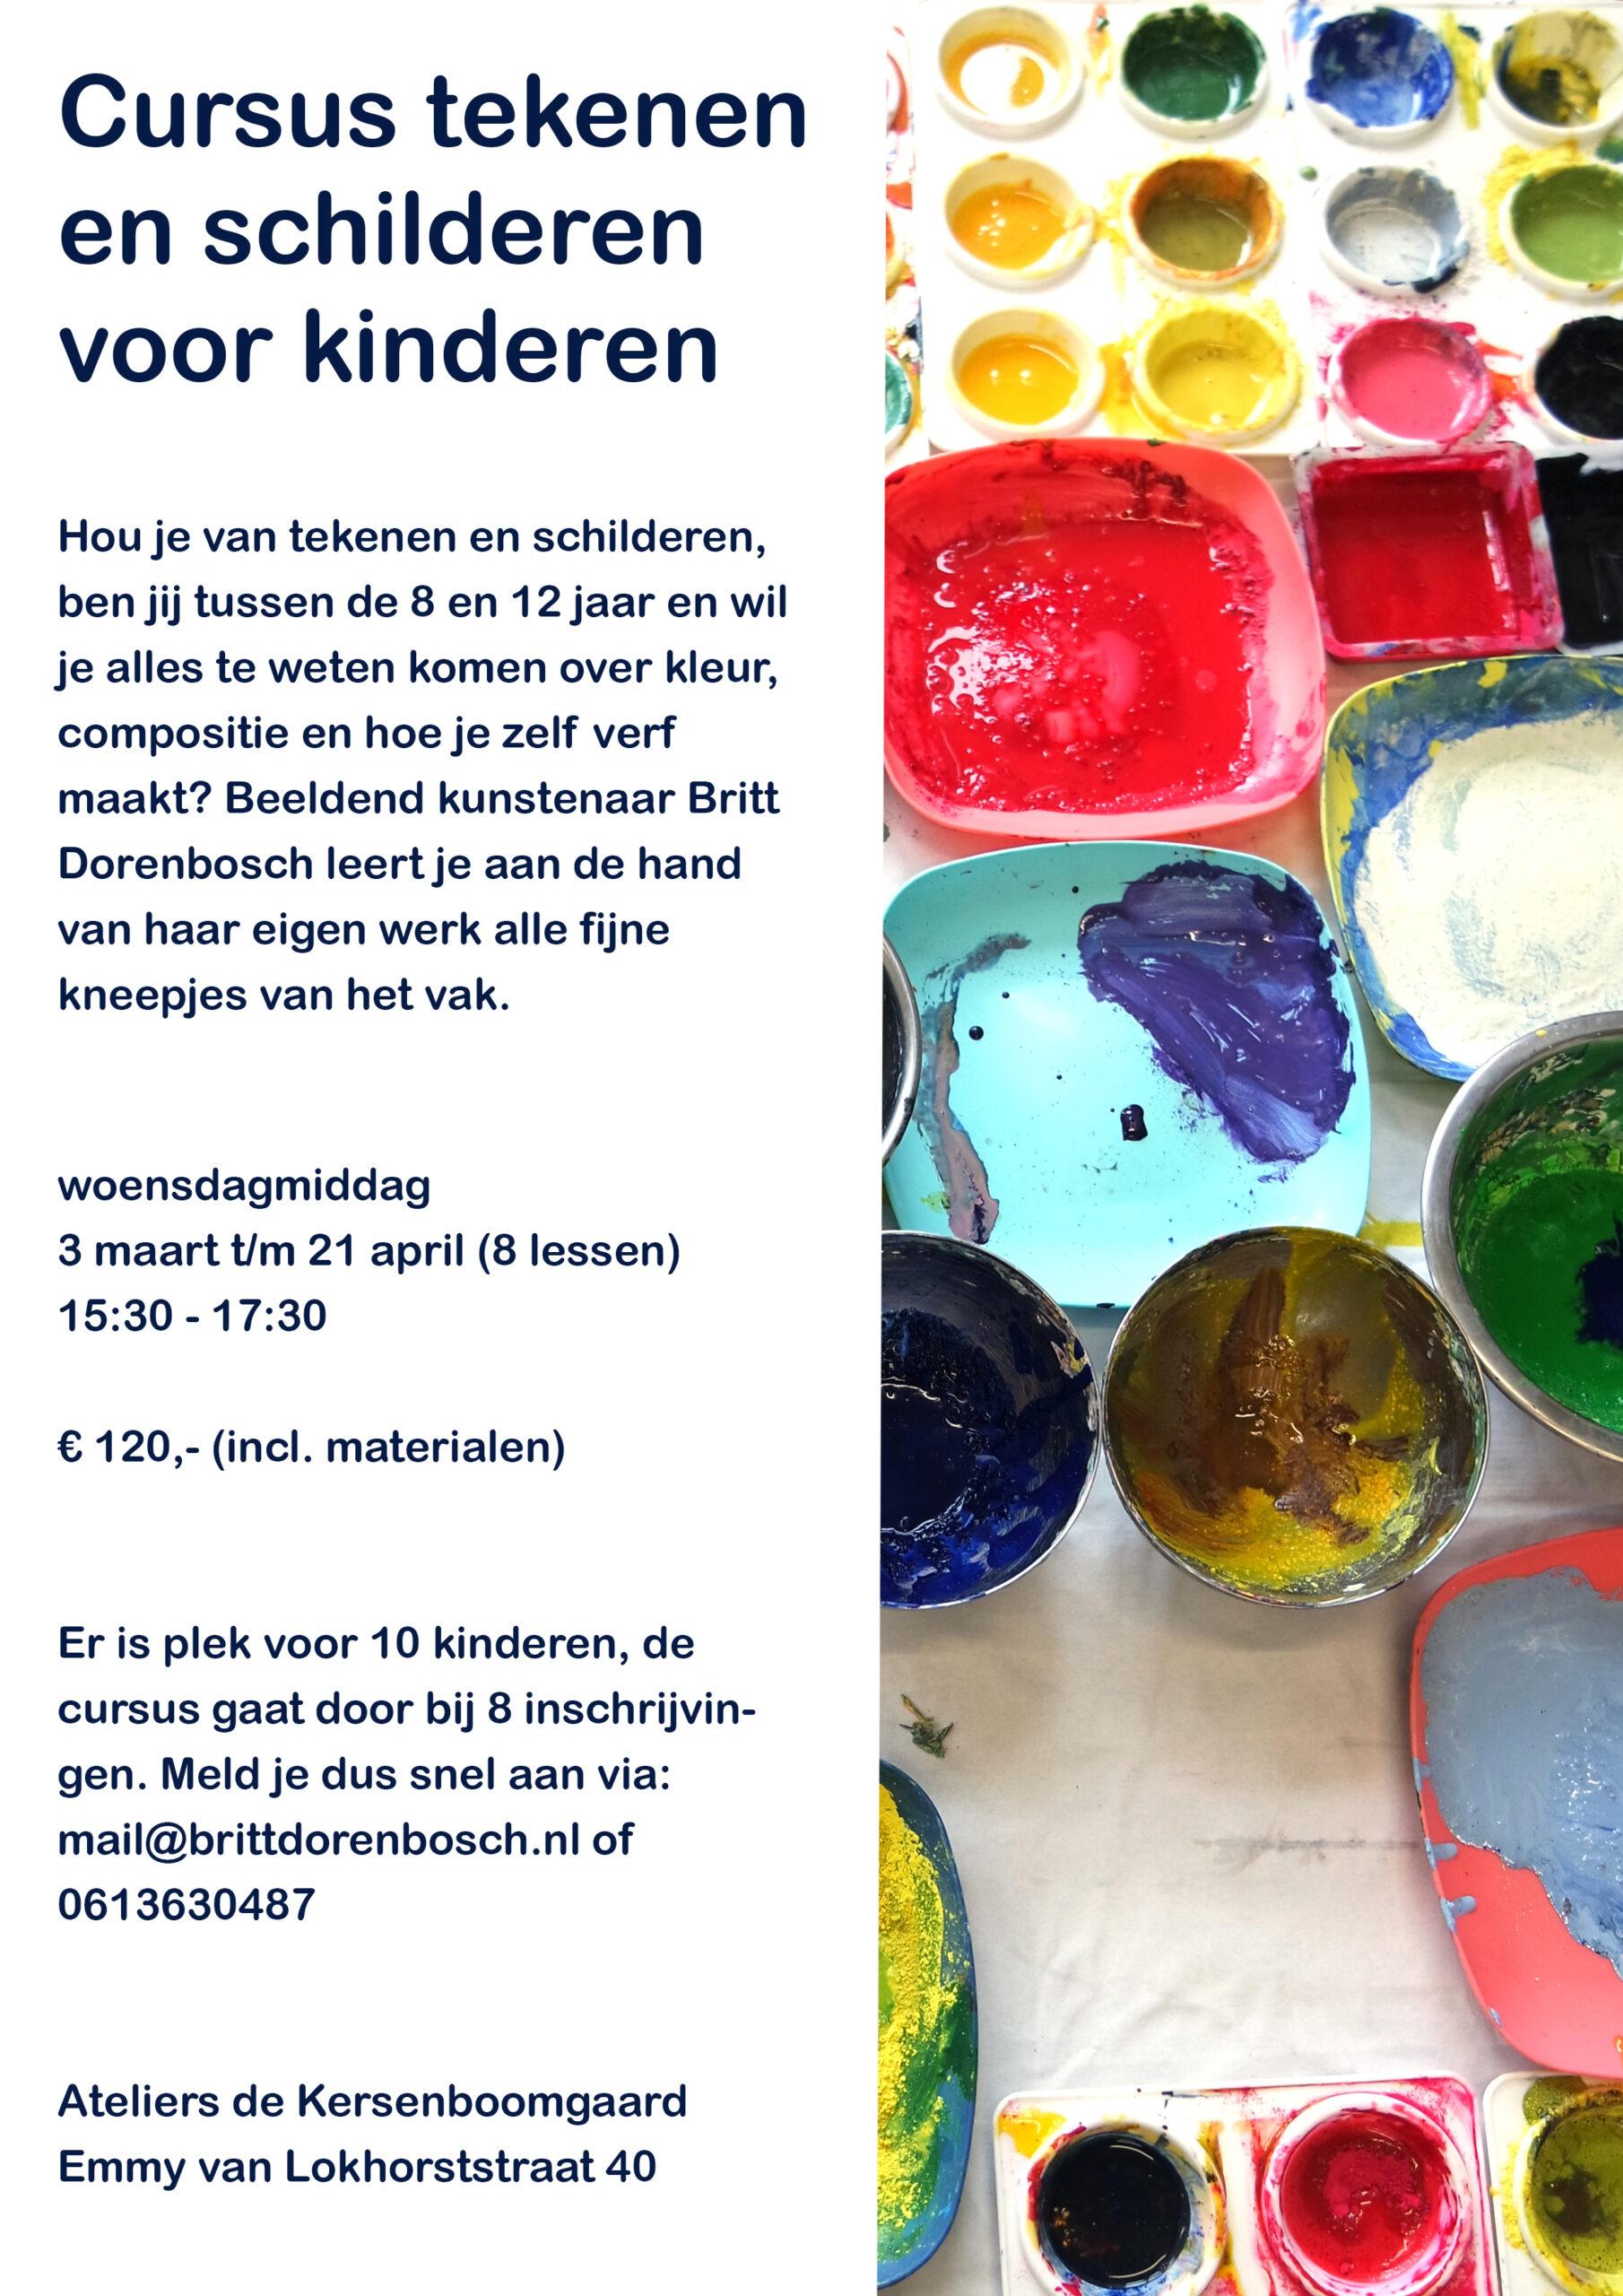 Flyer-Cursus-tekenen-en-schilderen-voor-kinderen